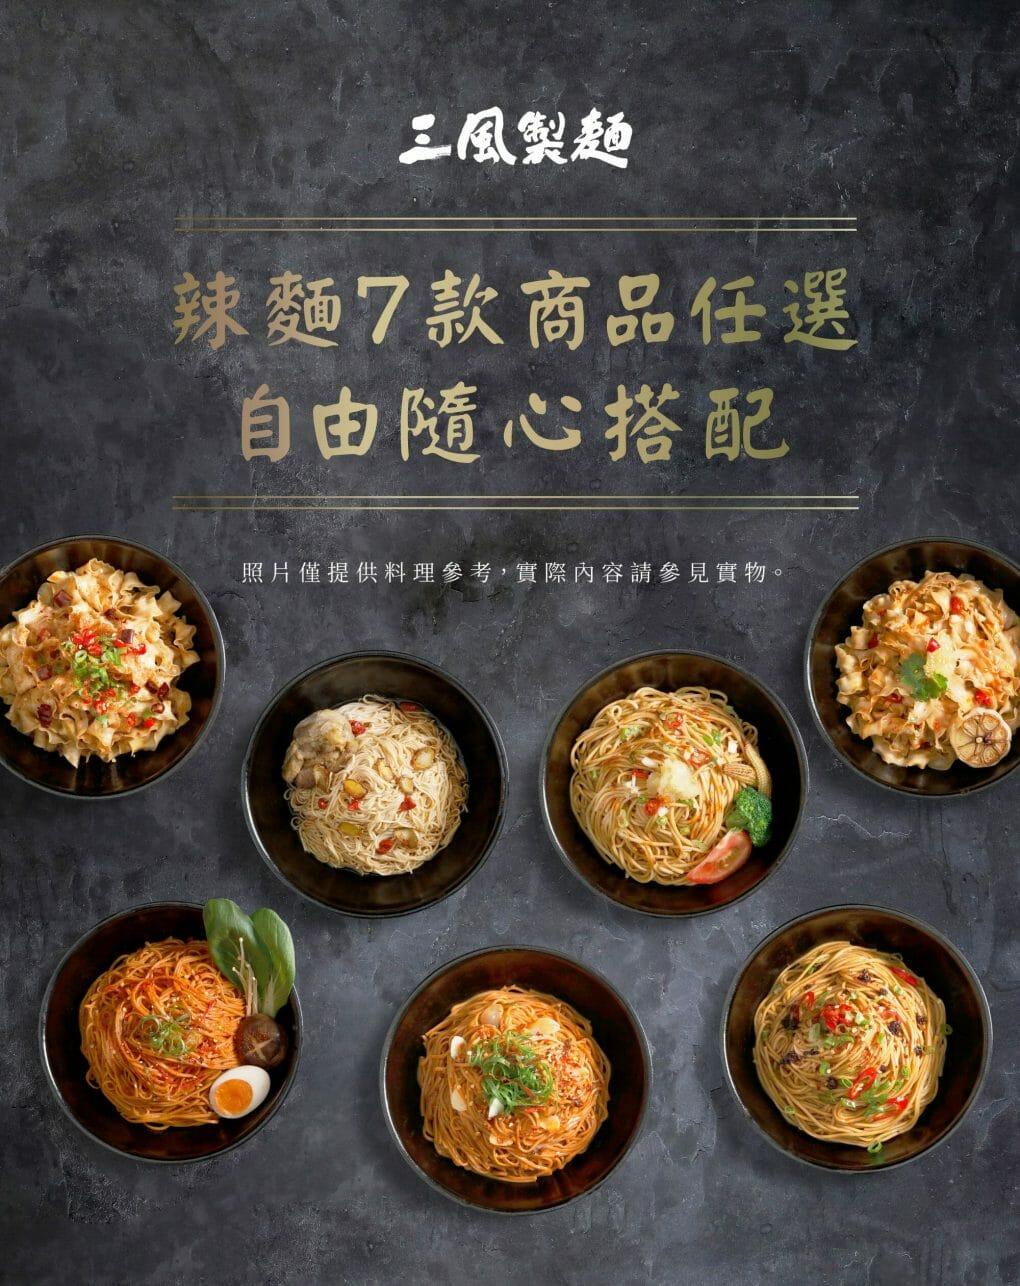 三風製麵辣麵任選組 - 8